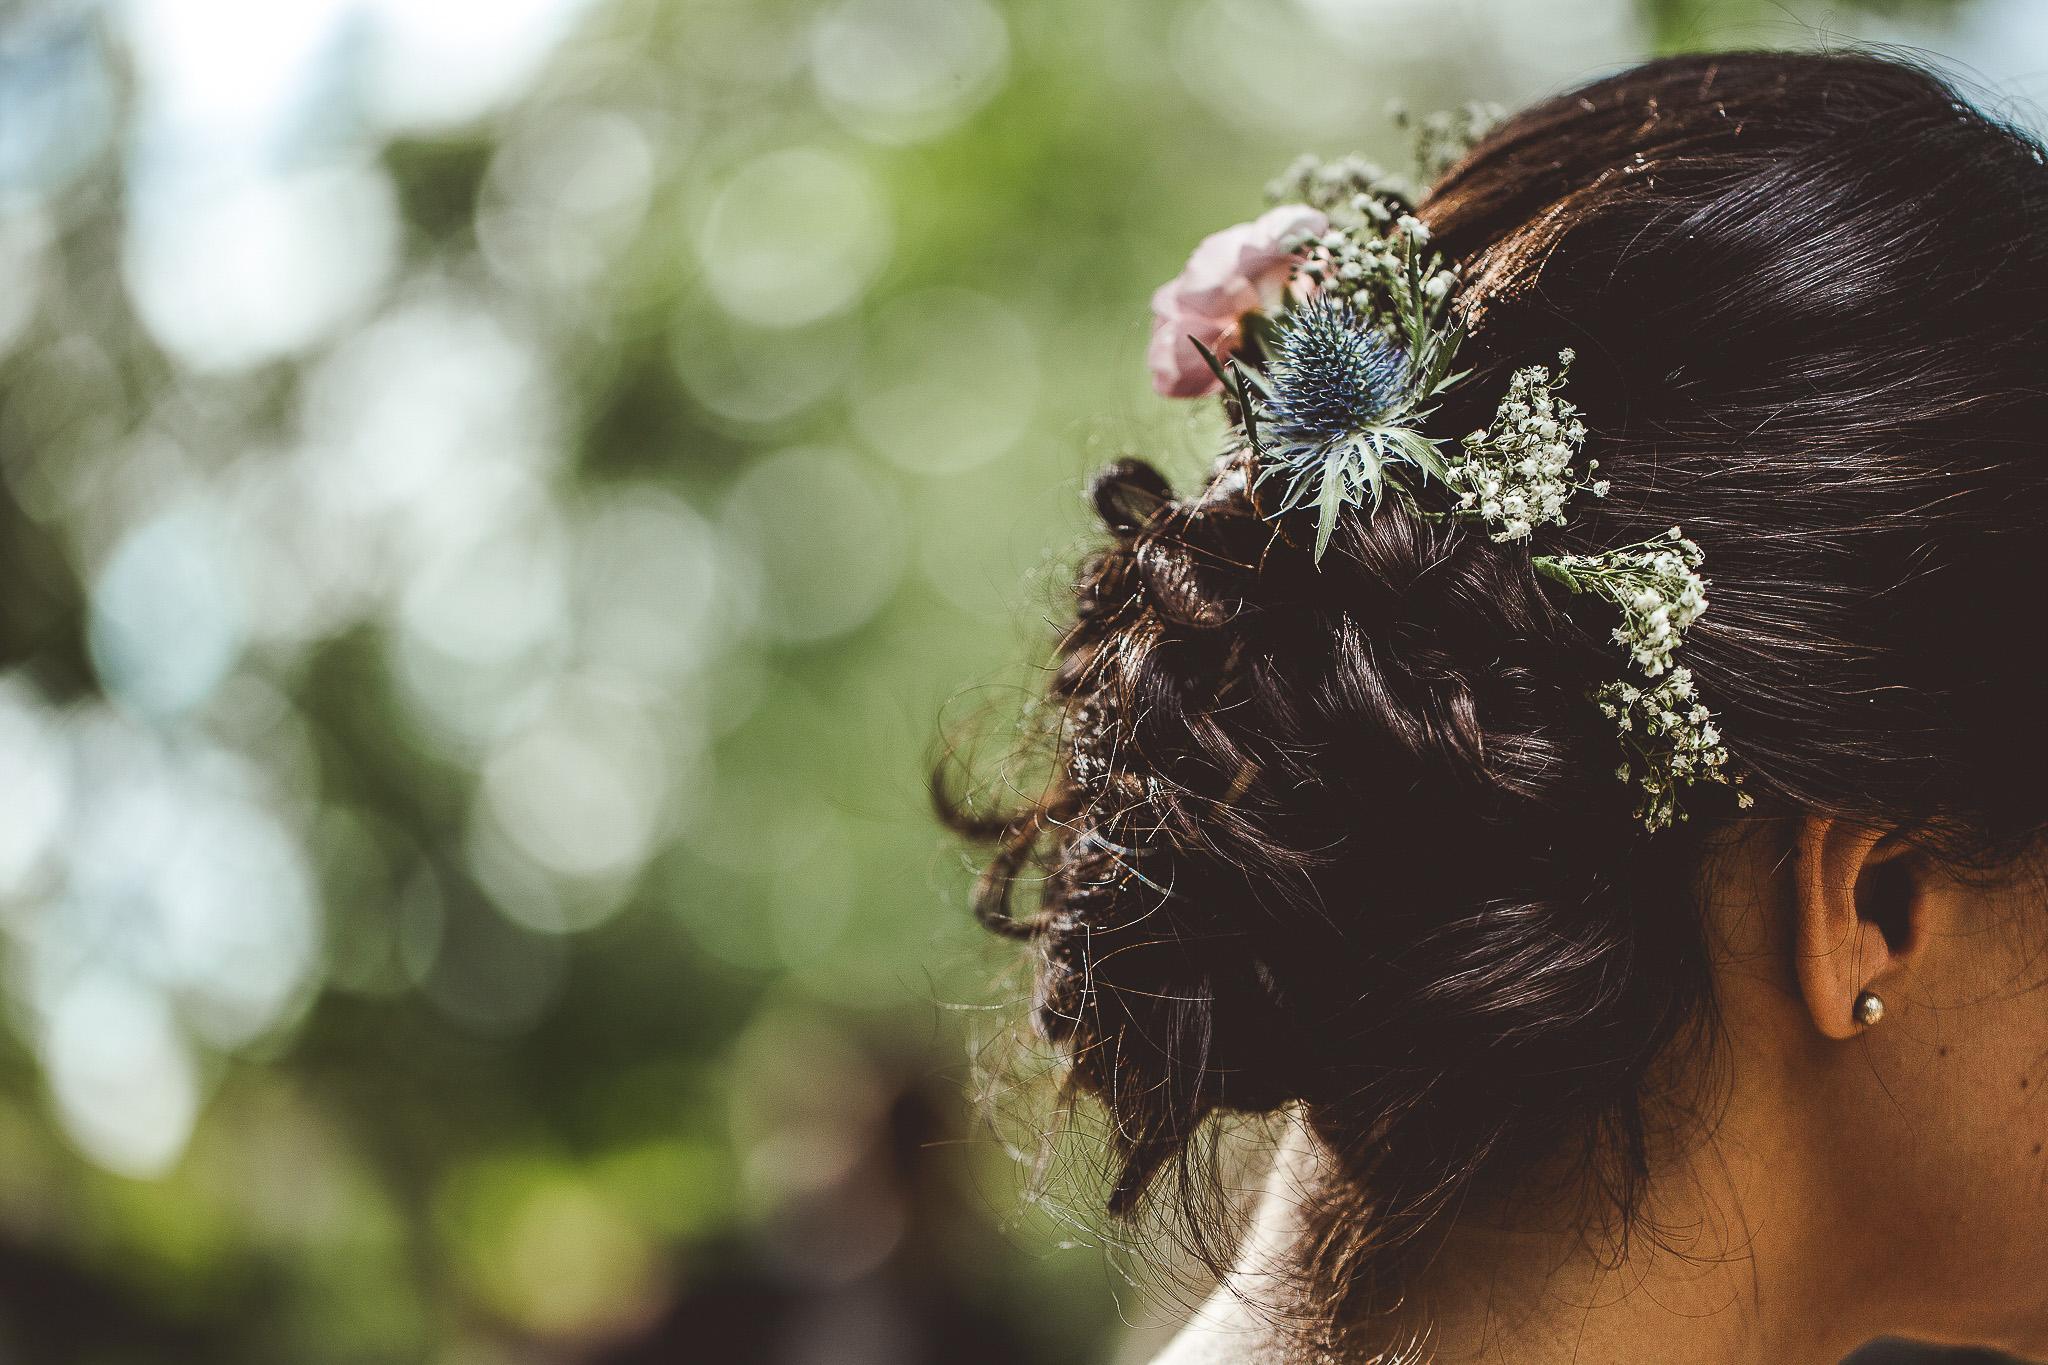 seance photo couple mariage details coiffure fleur la mariee cognac vignes charente